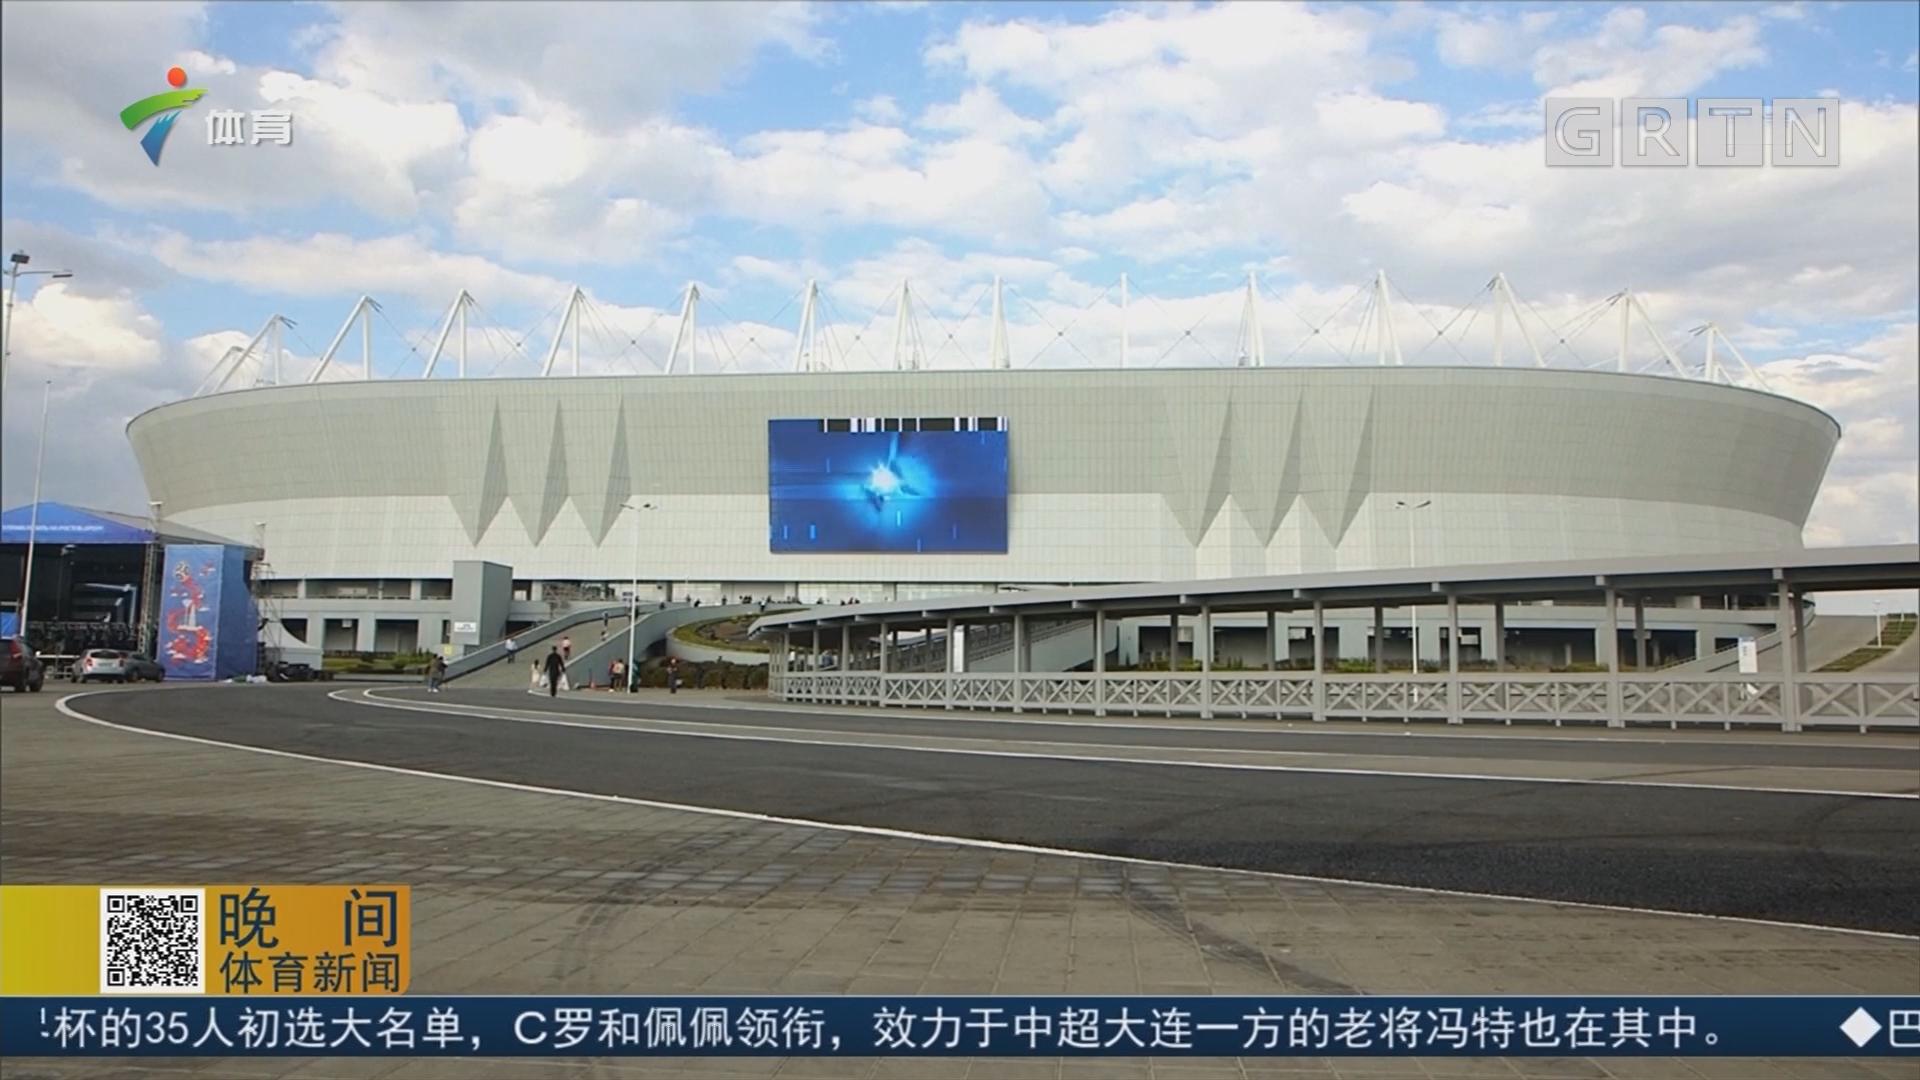 俄罗斯世界杯 罗斯托夫球场已准备就绪